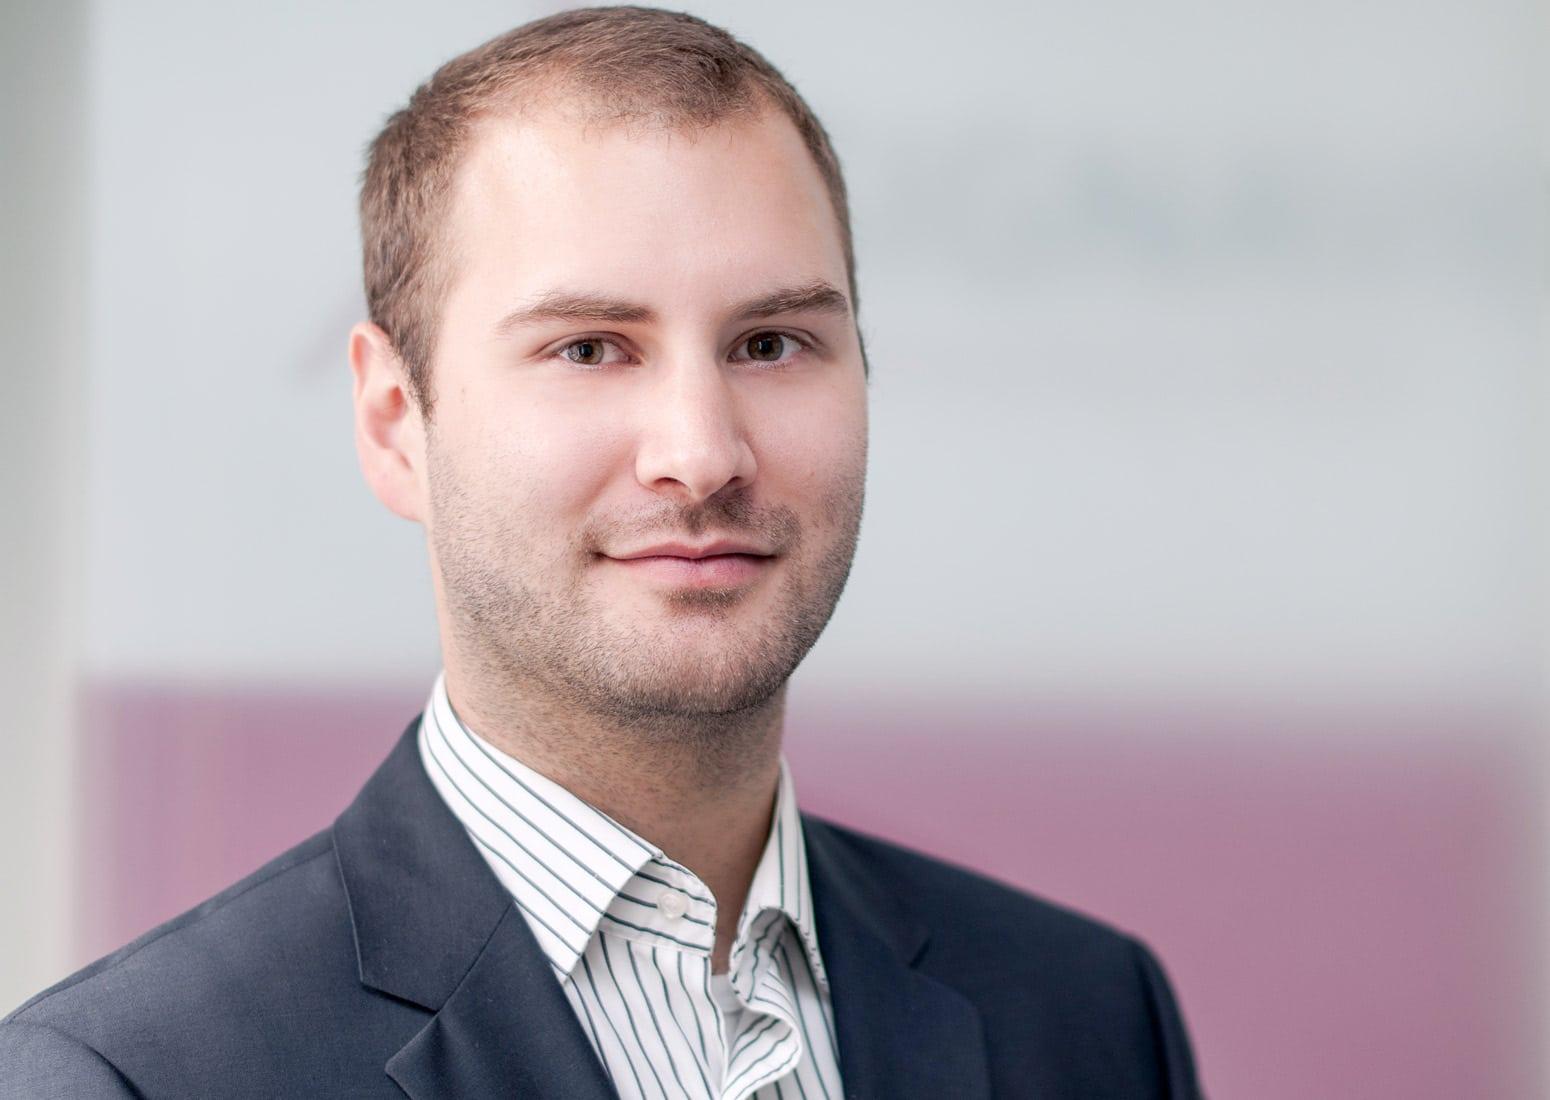 Portrait image of Torben Schreiter